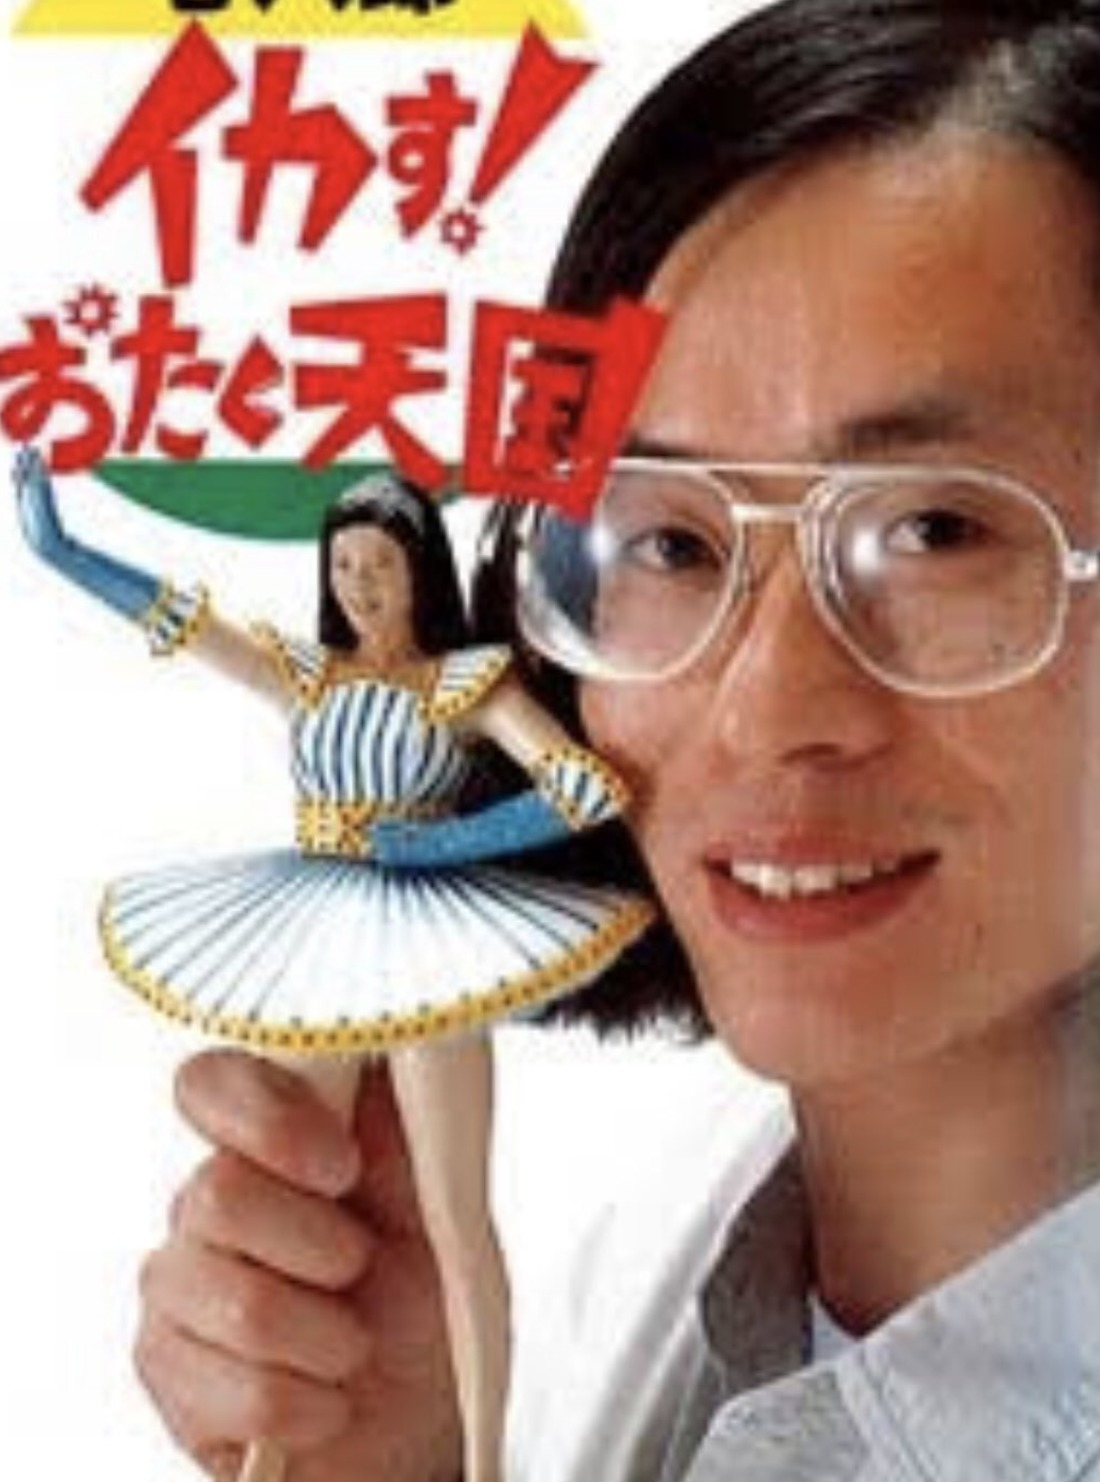 宅八郎さんの画像